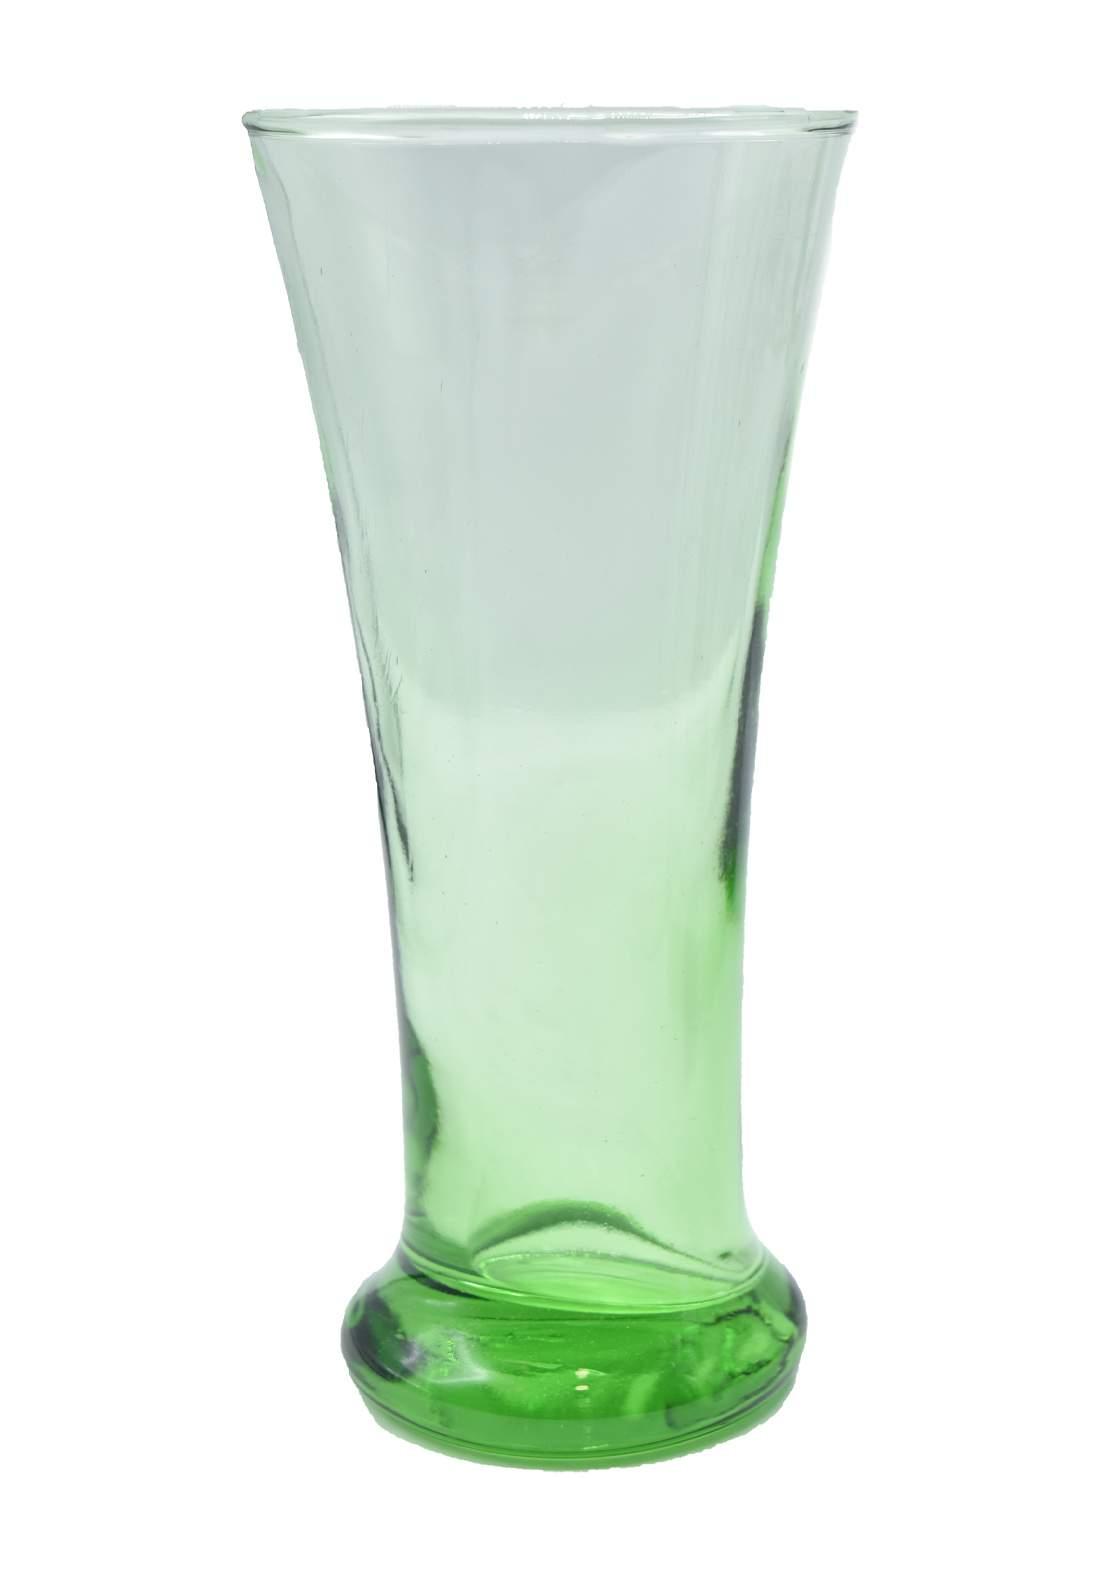 سيت كؤوس زجاجية مكون من 6 قطع